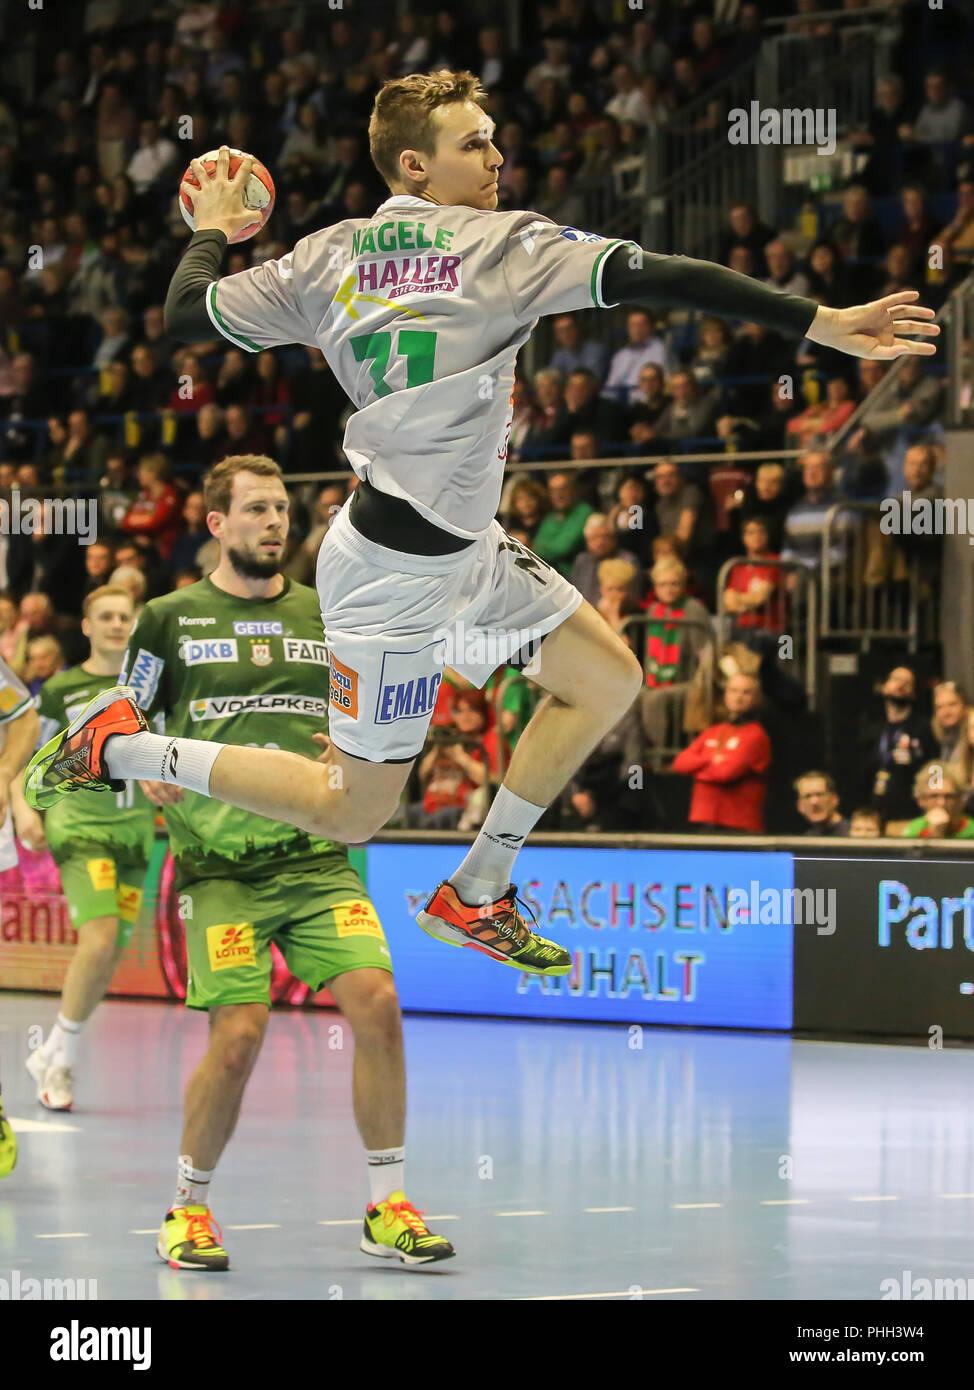 handball player Jochen Nägele (Frisch Auf Göppingen) - Stock Image